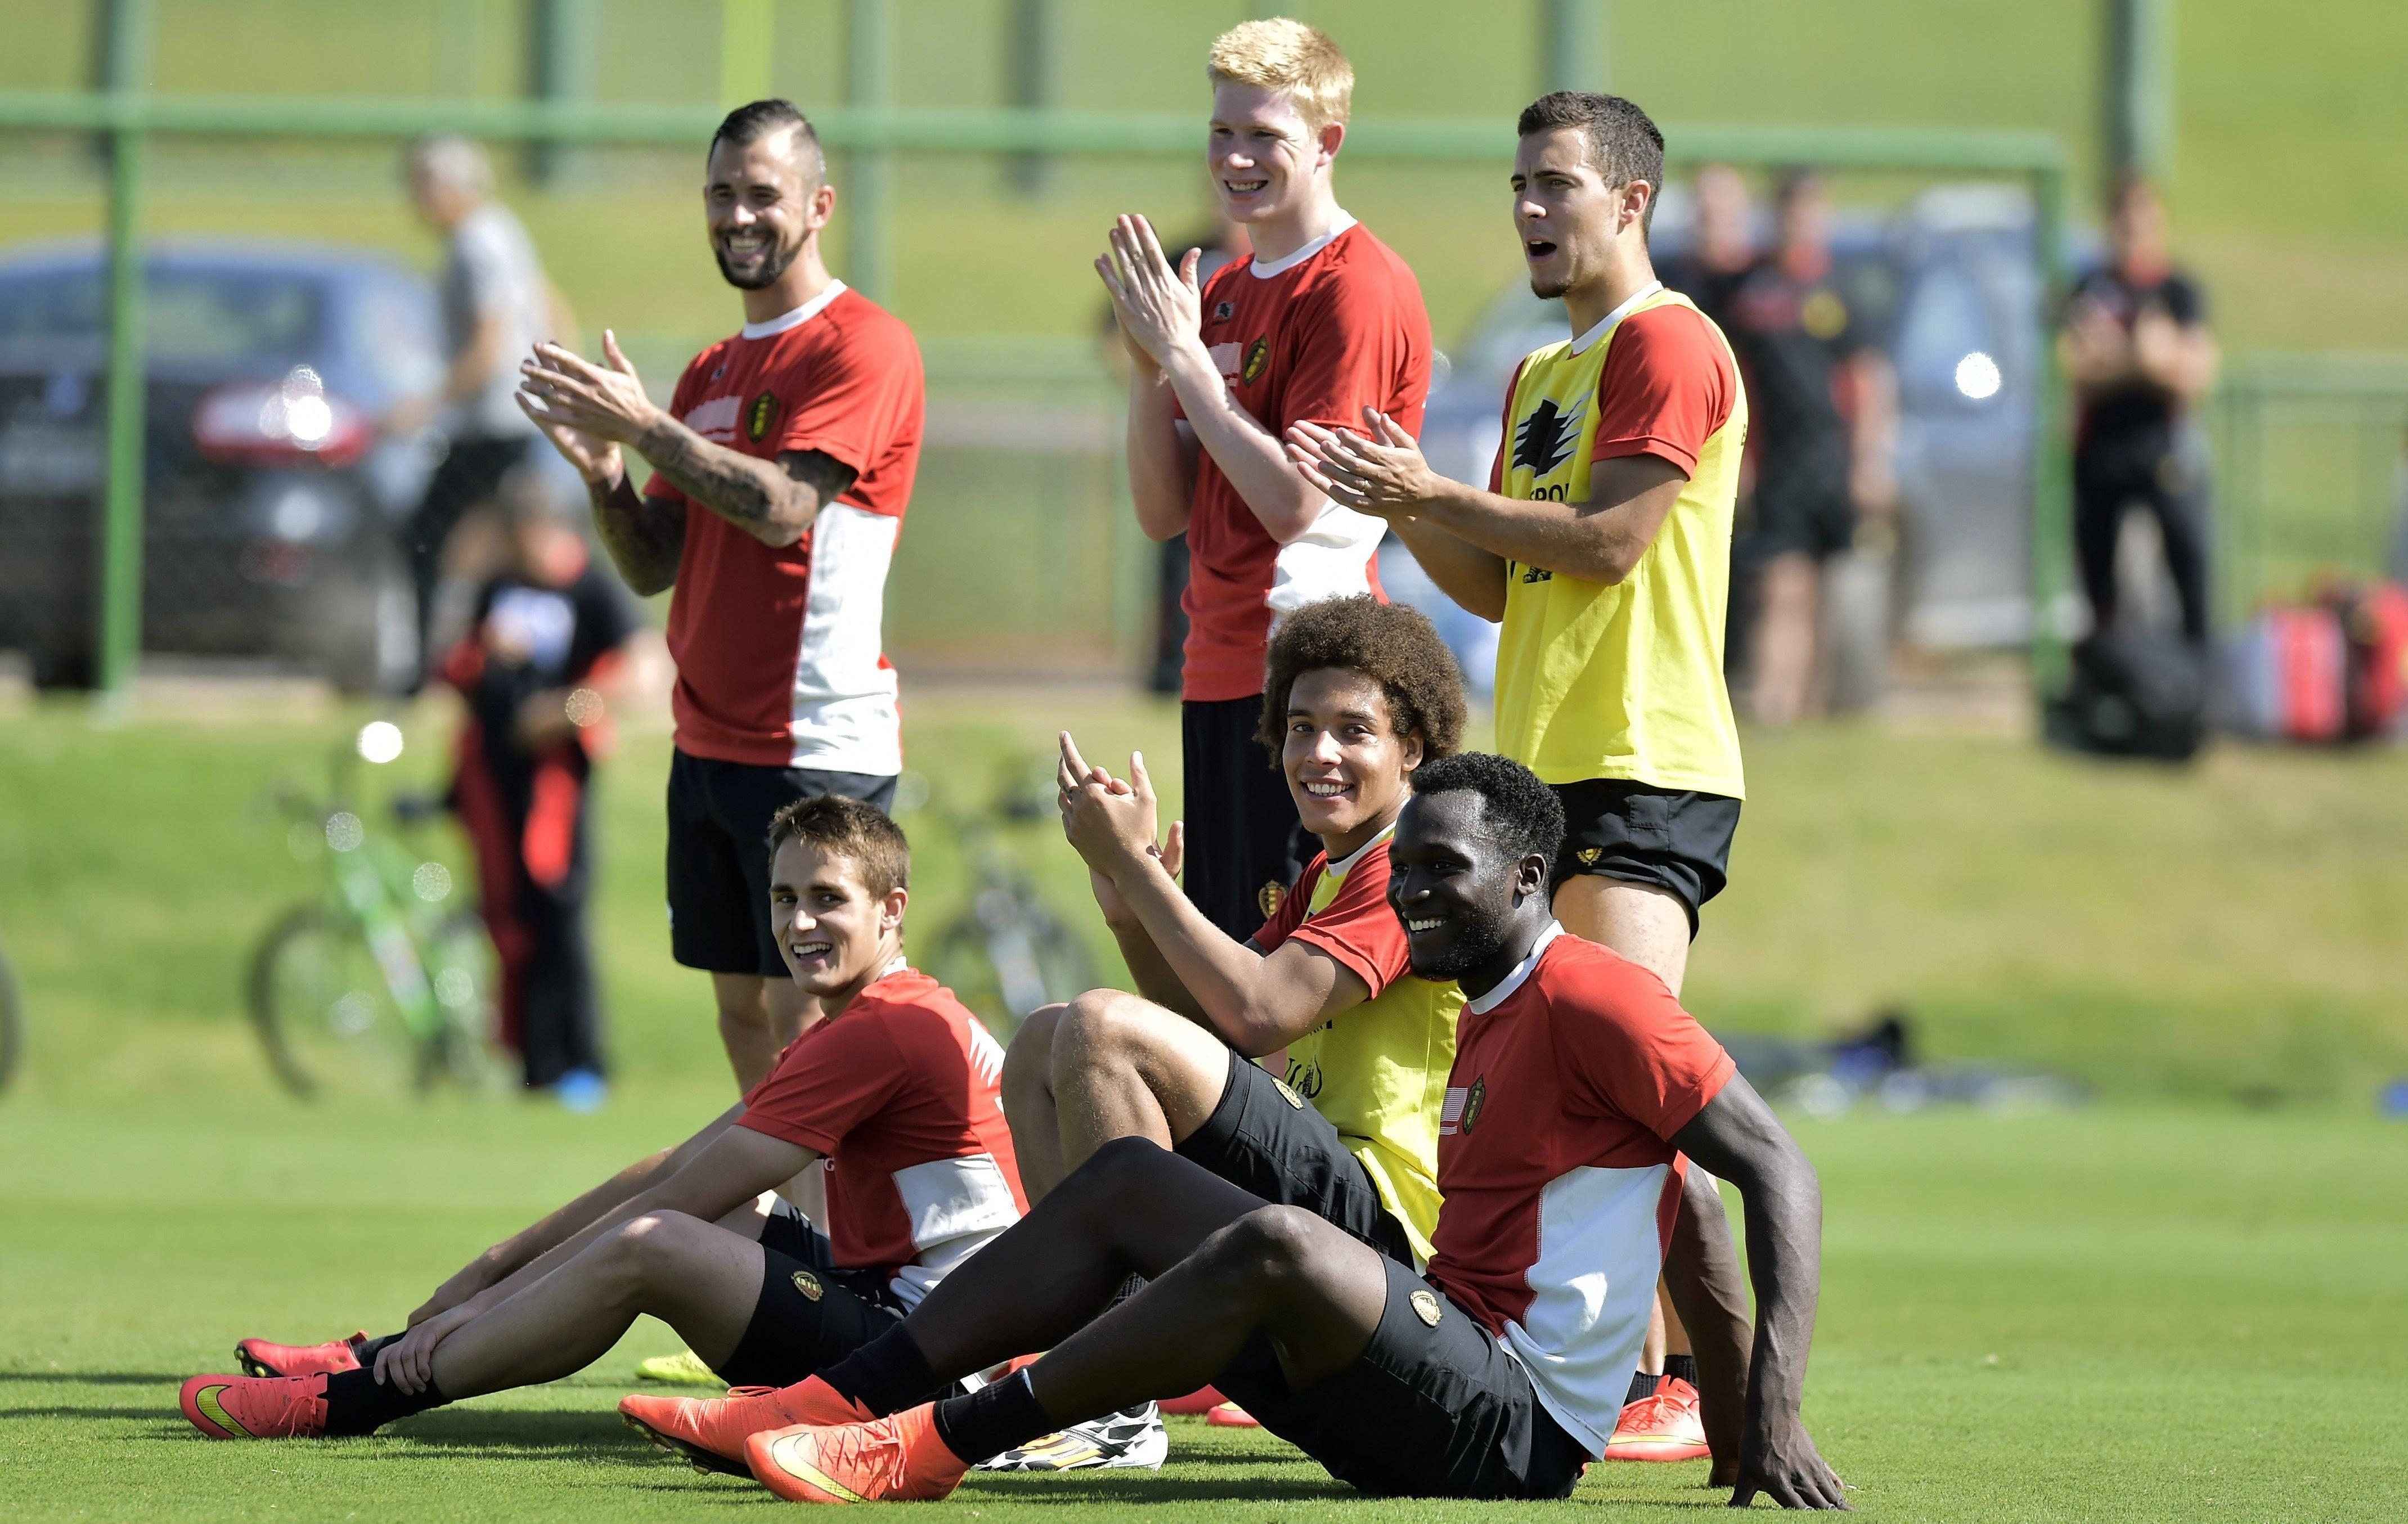 Belgique le danger vient de partout 2014 br sil coupe du monde football - Jeux de football coupe du monde 2014 ...